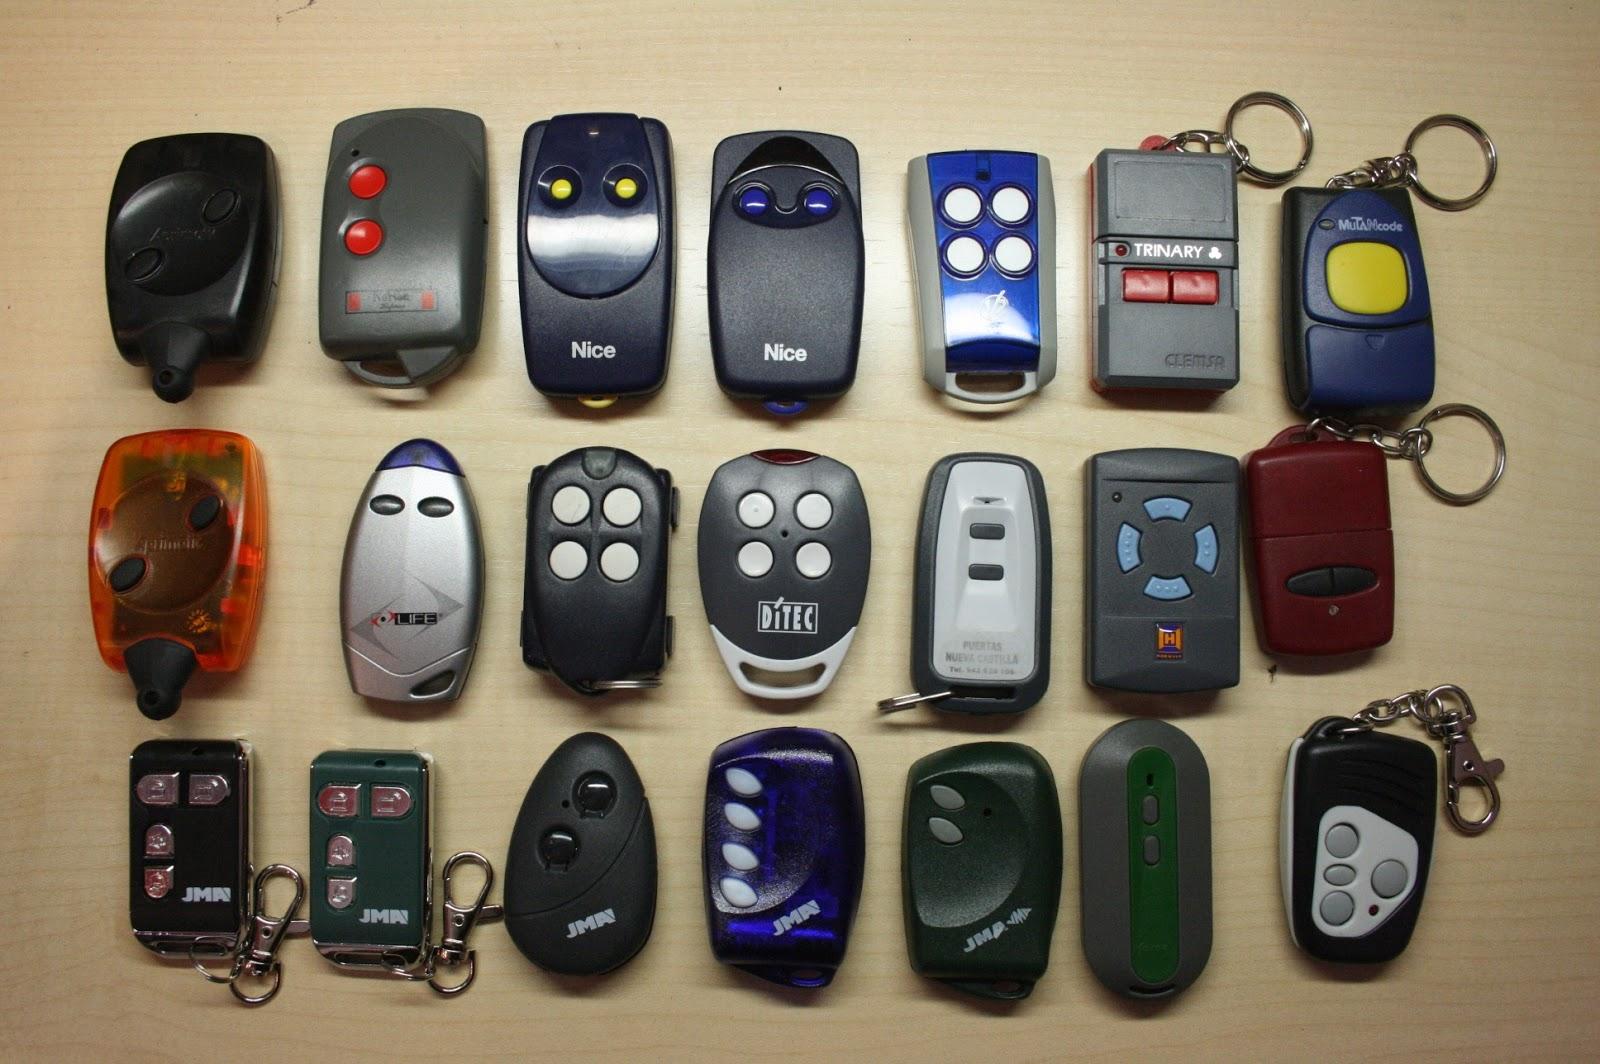 Mi llave el timo de la estampita en internet copie el - Mando a distancia garaje ...